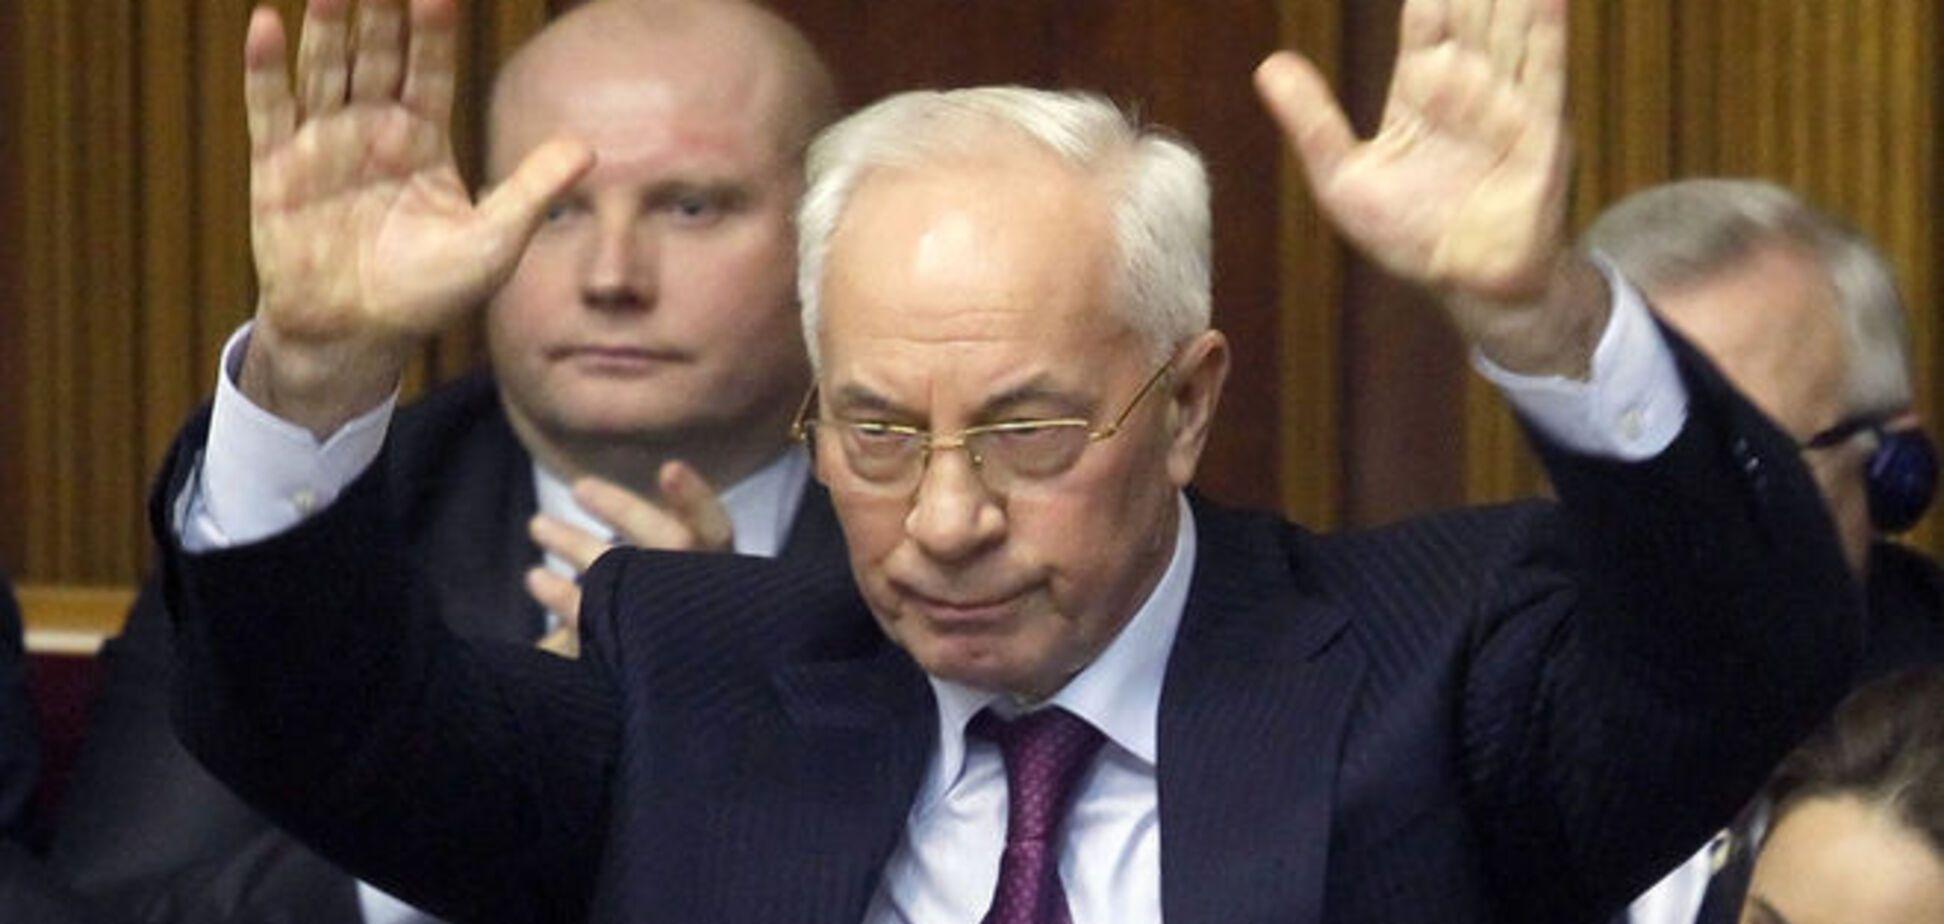 Азаров назвал Чечетова настоящим патриотом Украины: когда-нибудь это оценят